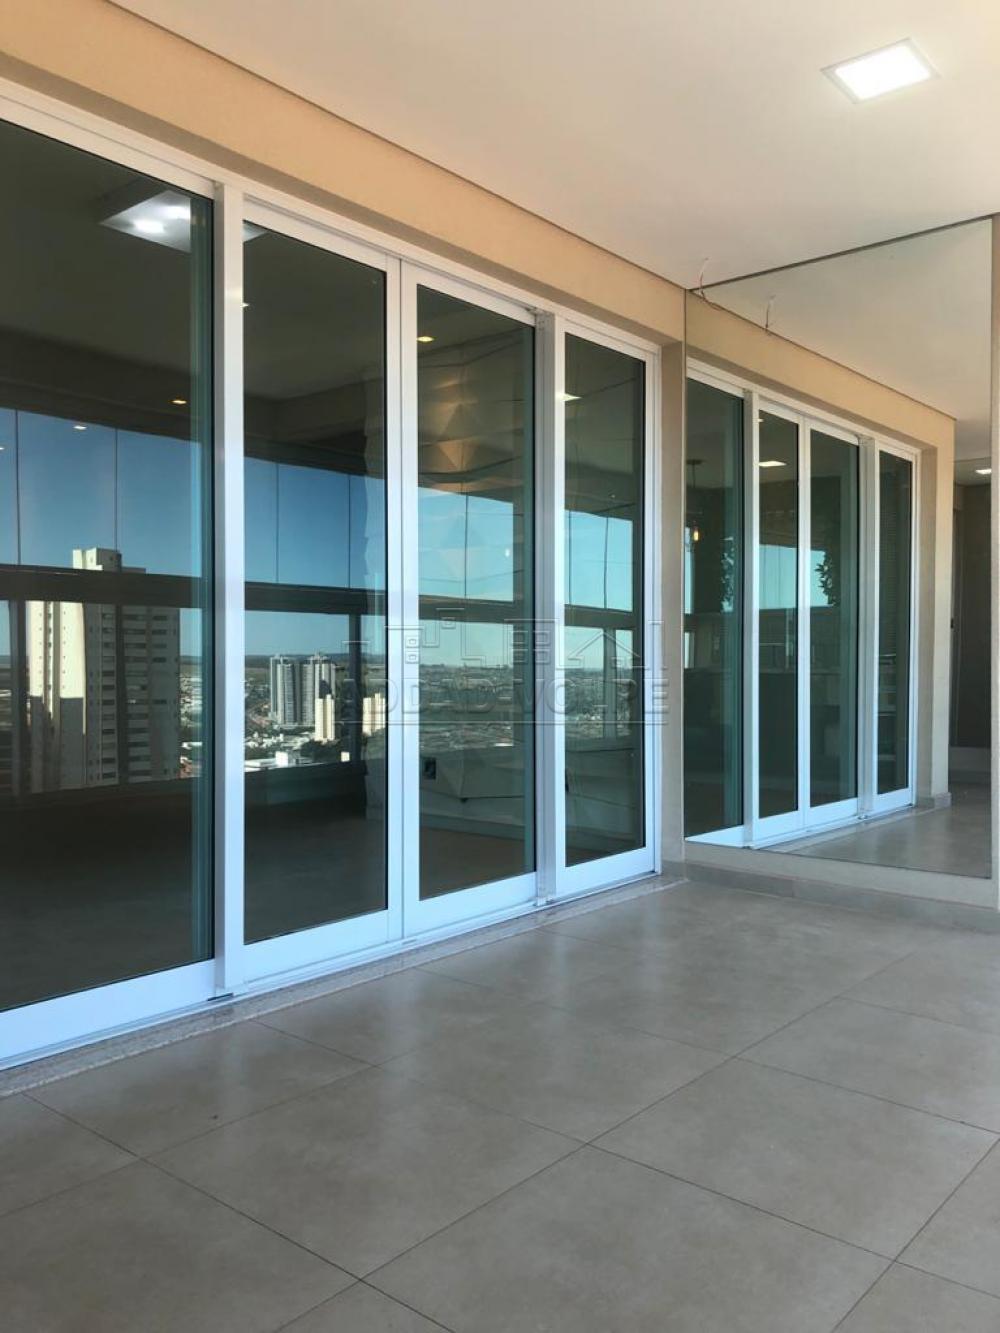 Comprar Apartamento / Padrão em Bauru R$ 990.000,00 - Foto 2